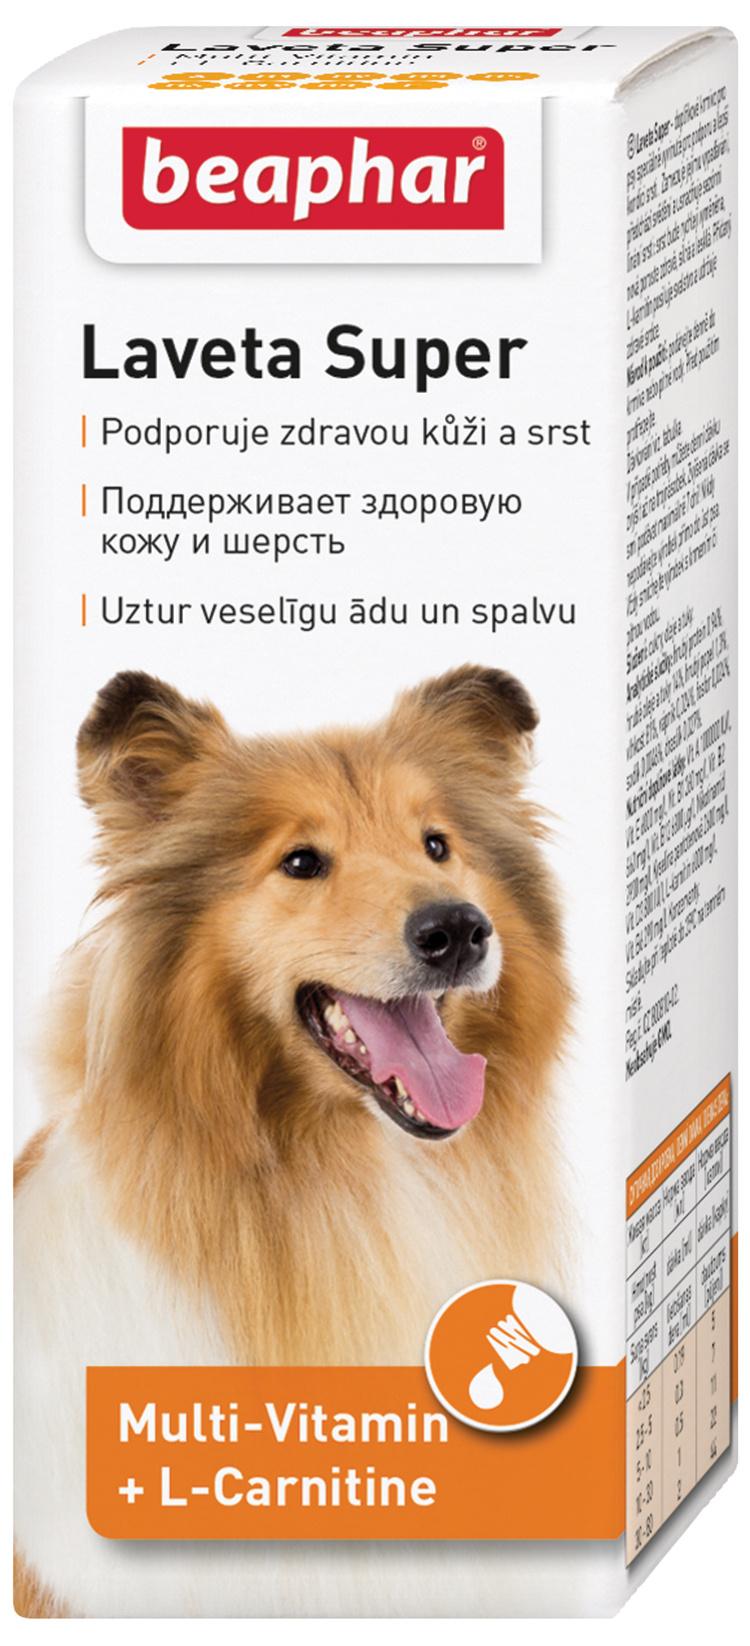 Barības piedeva suņiem - Beaphar Laveta Super, 50 ml